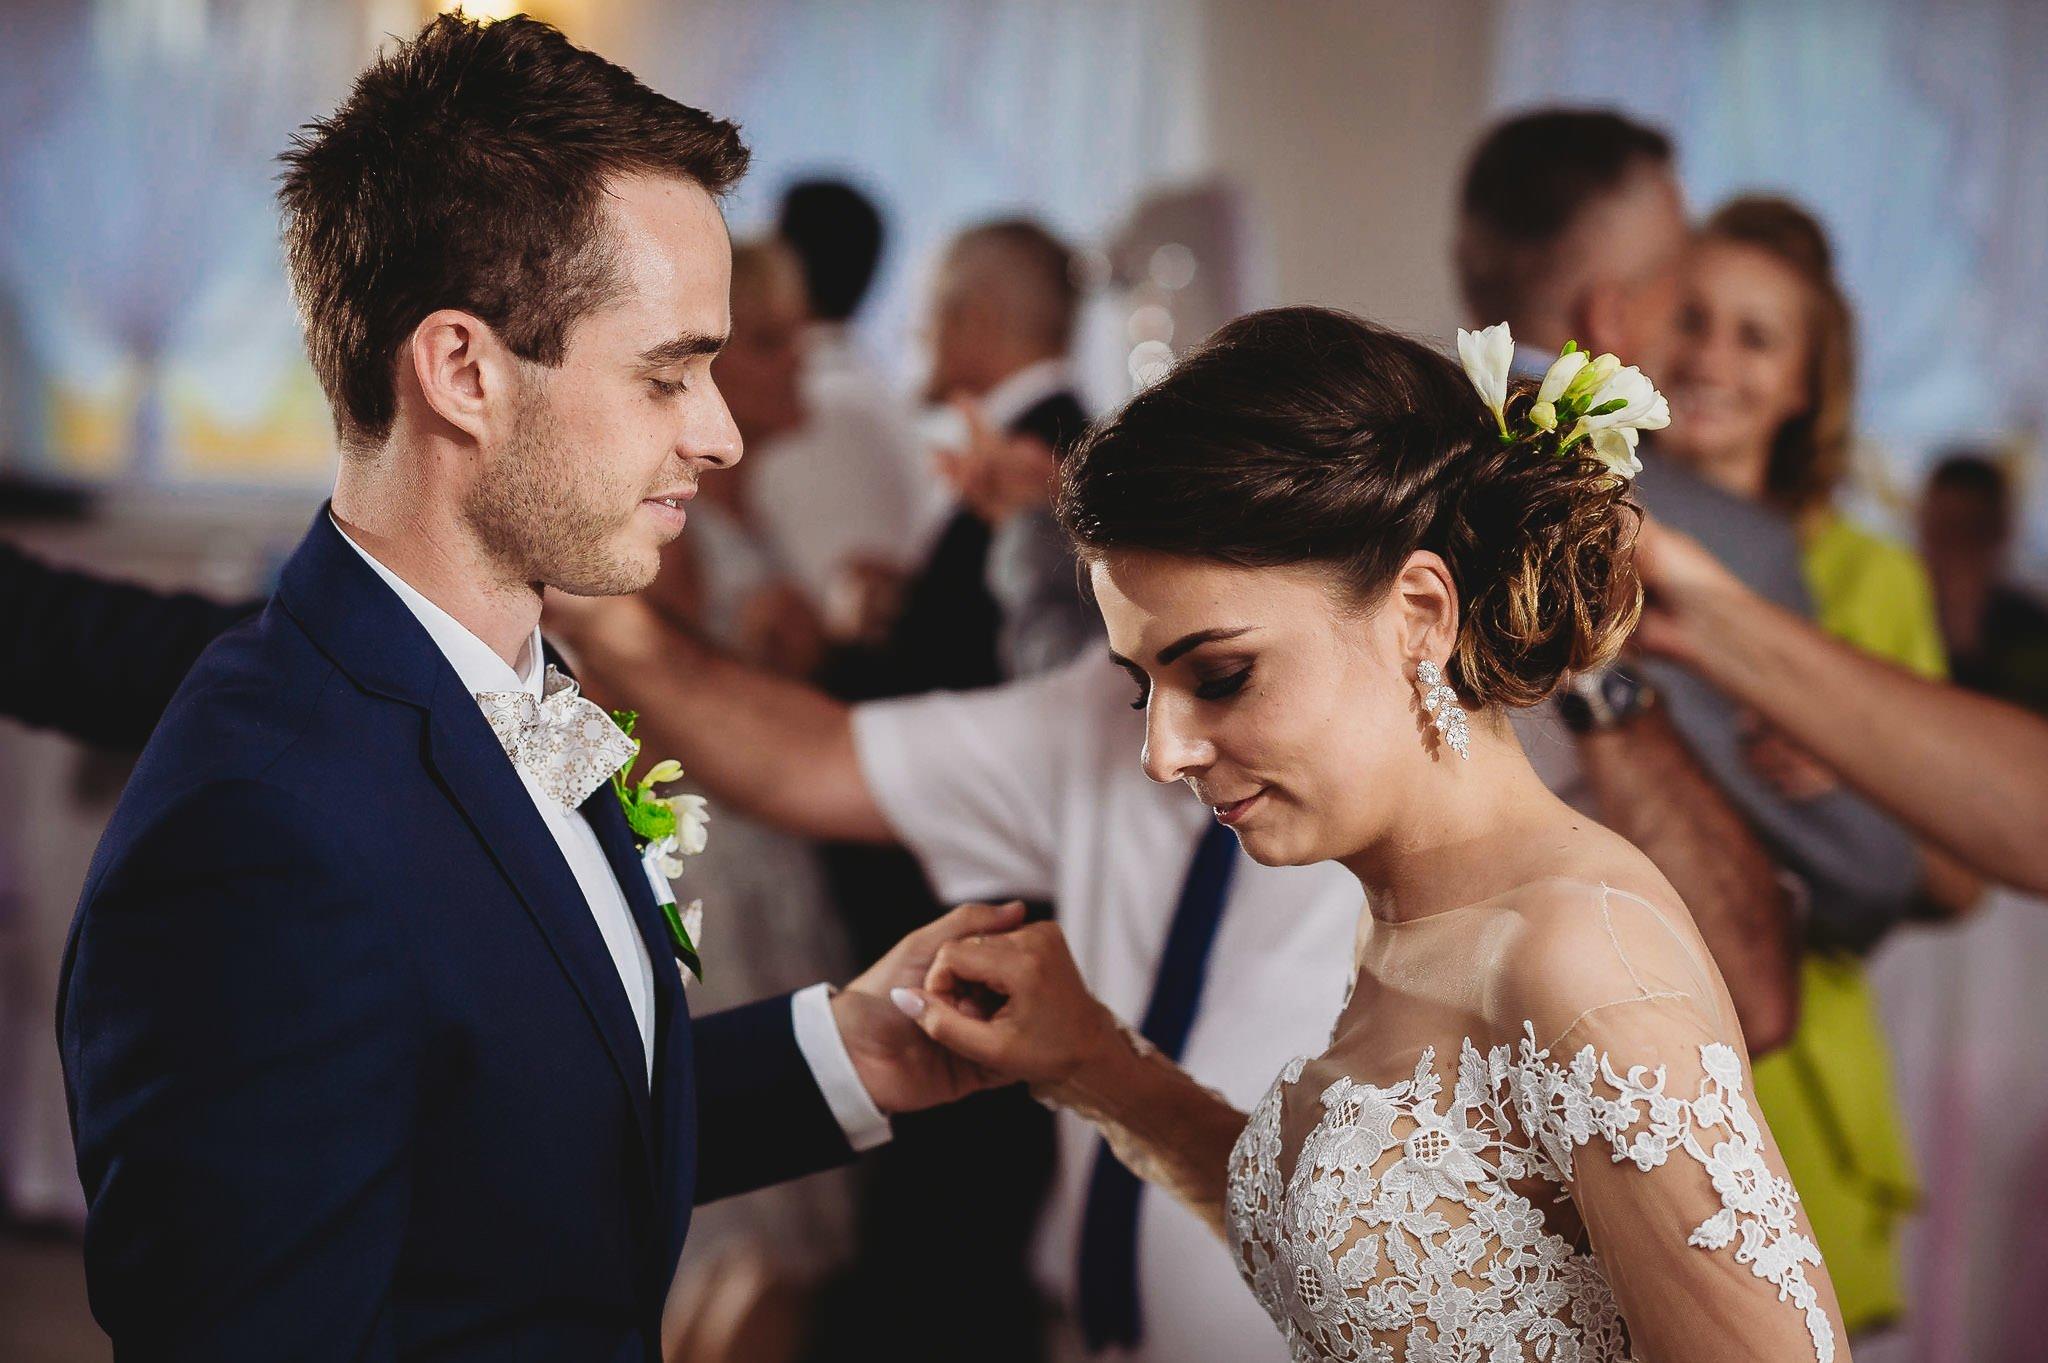 Angelika i Michał, piękne zdjęcia ślubne i sesja plenerowa w Gołuchowie 160